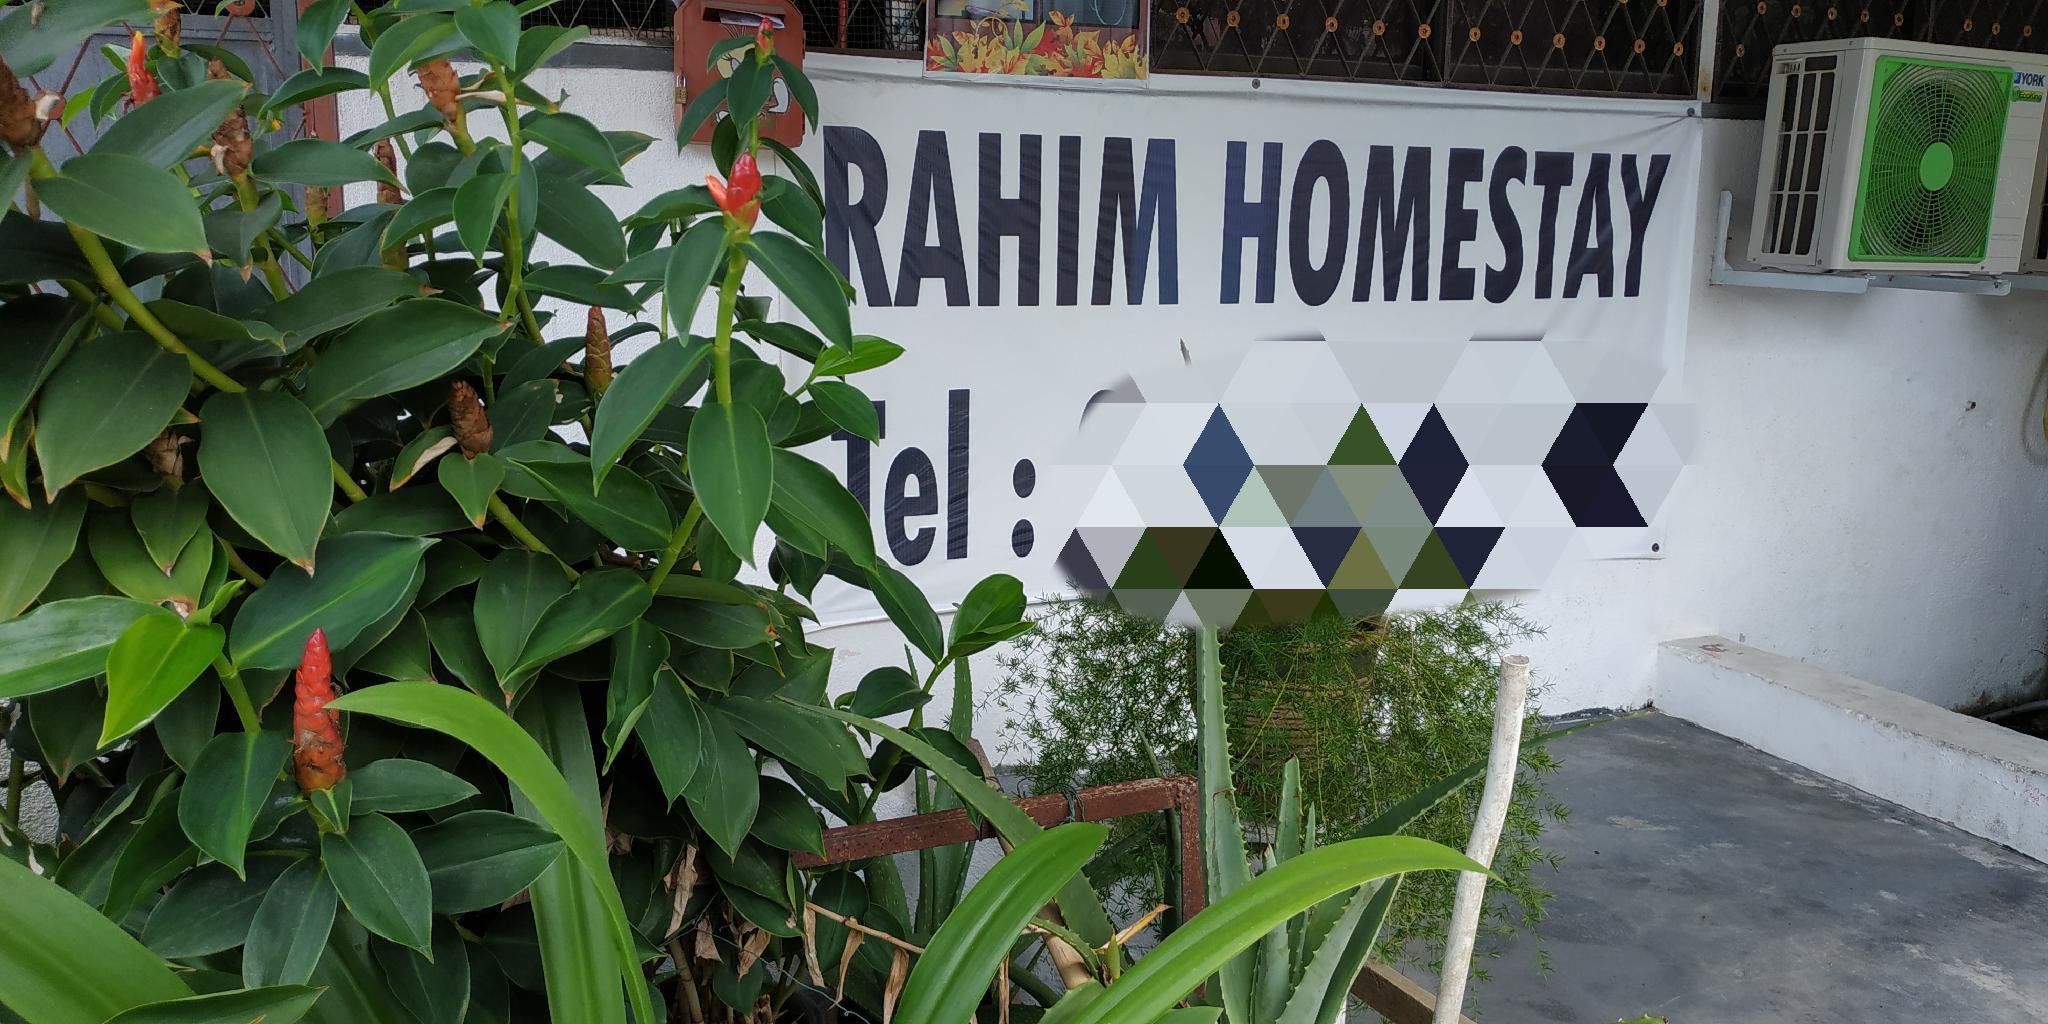 Rahim Homestay